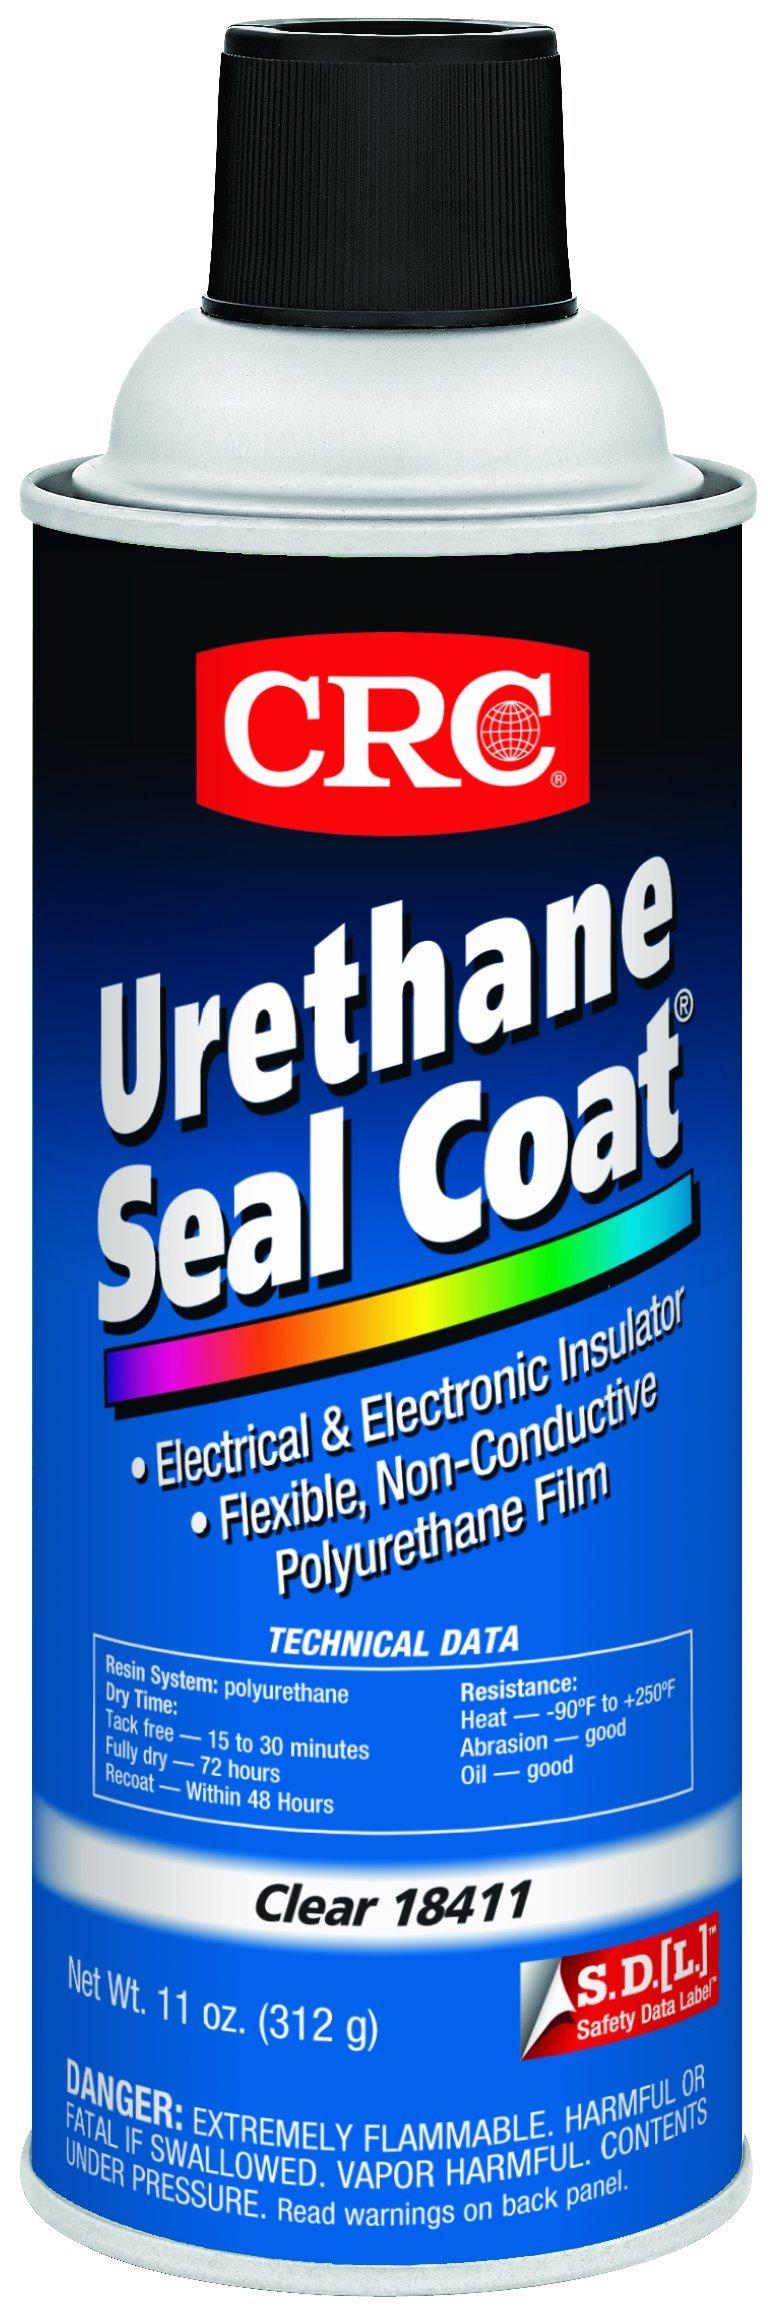 CRC Urethane Seal Coat Viscous Liquid Coating, 250 Degree F Maximum Temperature, 11 oz Aerosol Can, Clear